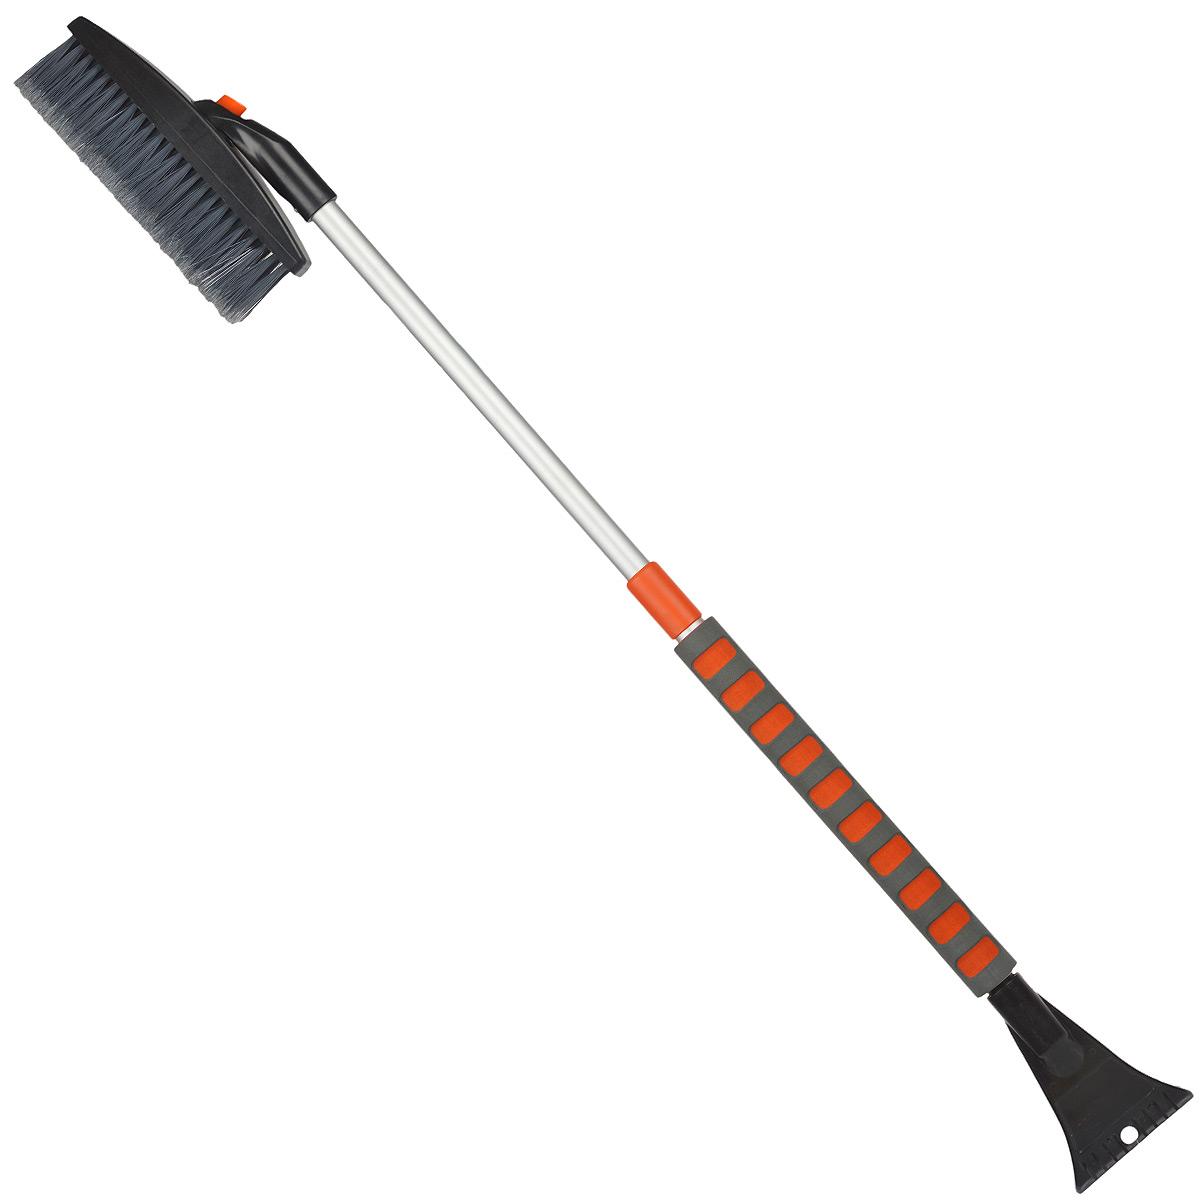 Щетка-сметка для снега Stels, со скребком, телескопическая, 82-110 смВетерок 2ГФЩетка-сметка Stels оснащена усиленной рукояткой из алюминиевого сплава с удлиненным мягким держателем. Густая распушенная щетина для бережной очистки снега с поверхности. Инструмент имеет мощный скребок с зубьями для дробления льда и кнопку для регулировки горизонтального/вертикального положения щетки.